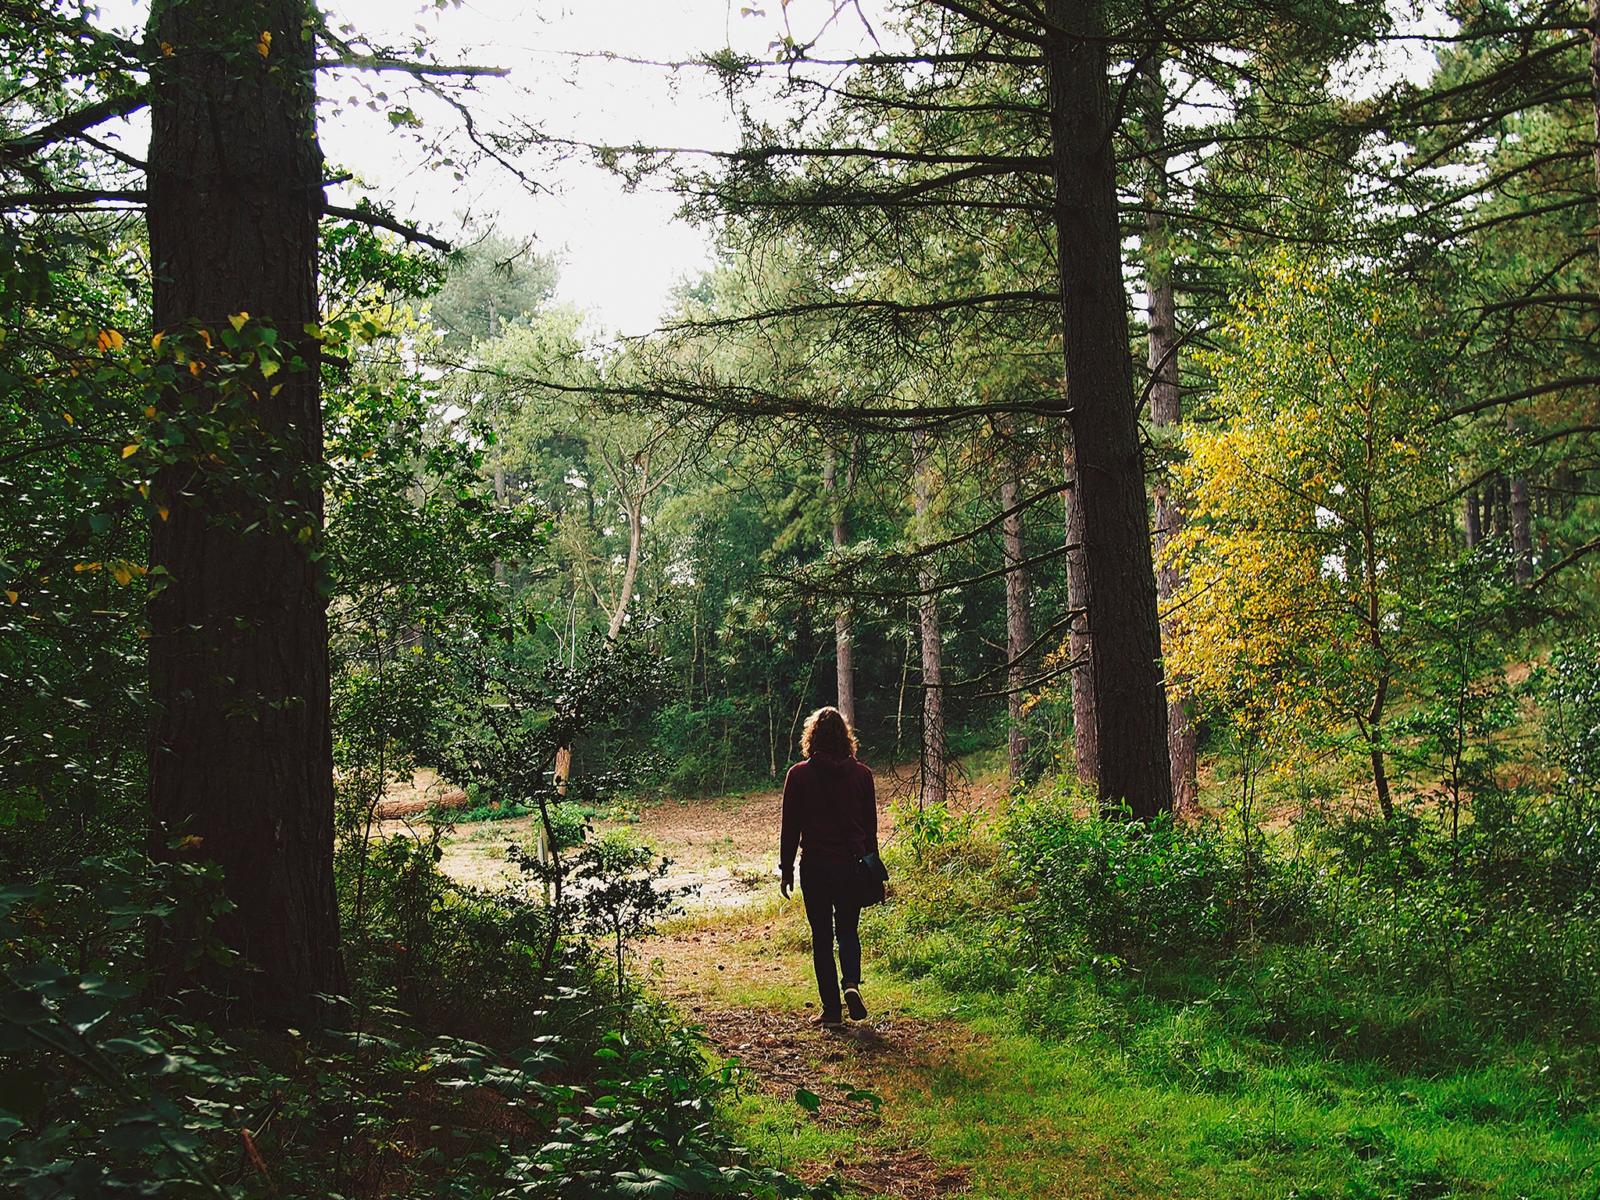 En mann går bortover en sti mellom høye trær